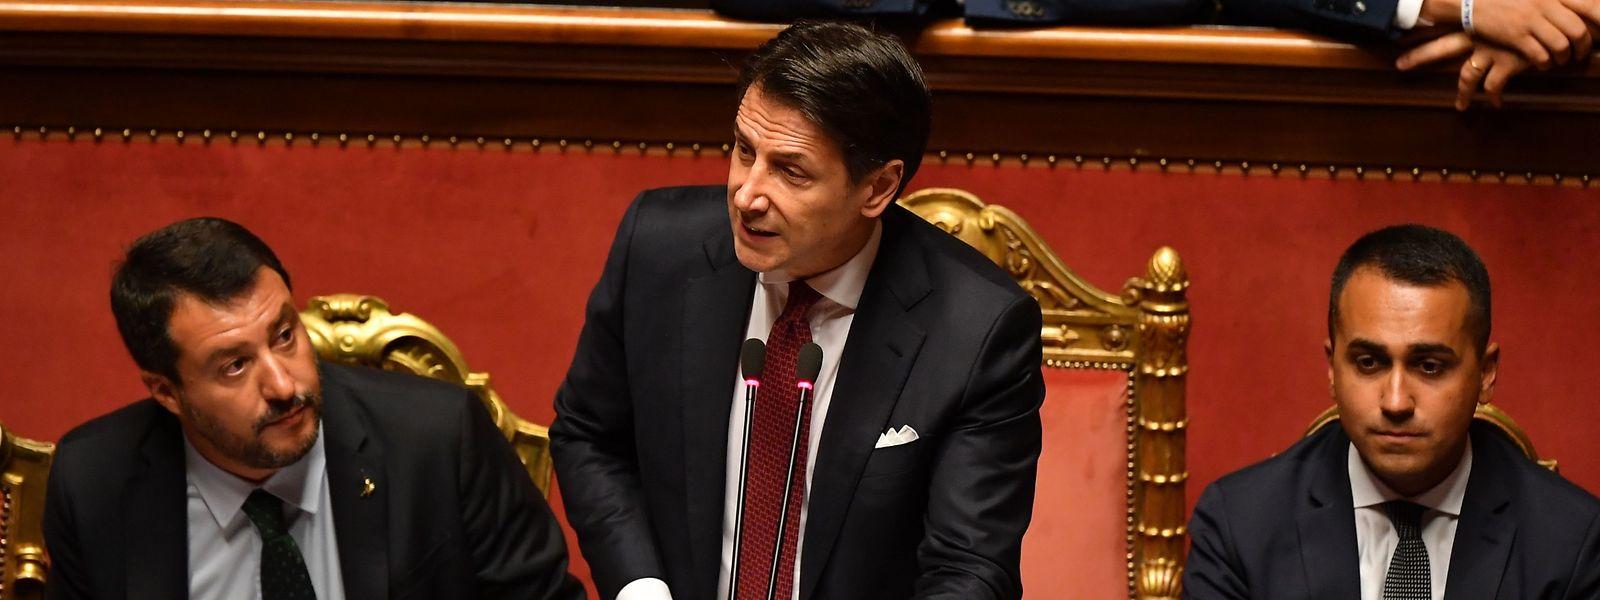 Der italienische Ministerpräsident Guiseppe Conte (mitte) bei seiner Ansprache vor dem Senat. Neben ihm sitzen Innenminister Matteo Salvini (links) und Vize Luigi Di Maio (rechts).